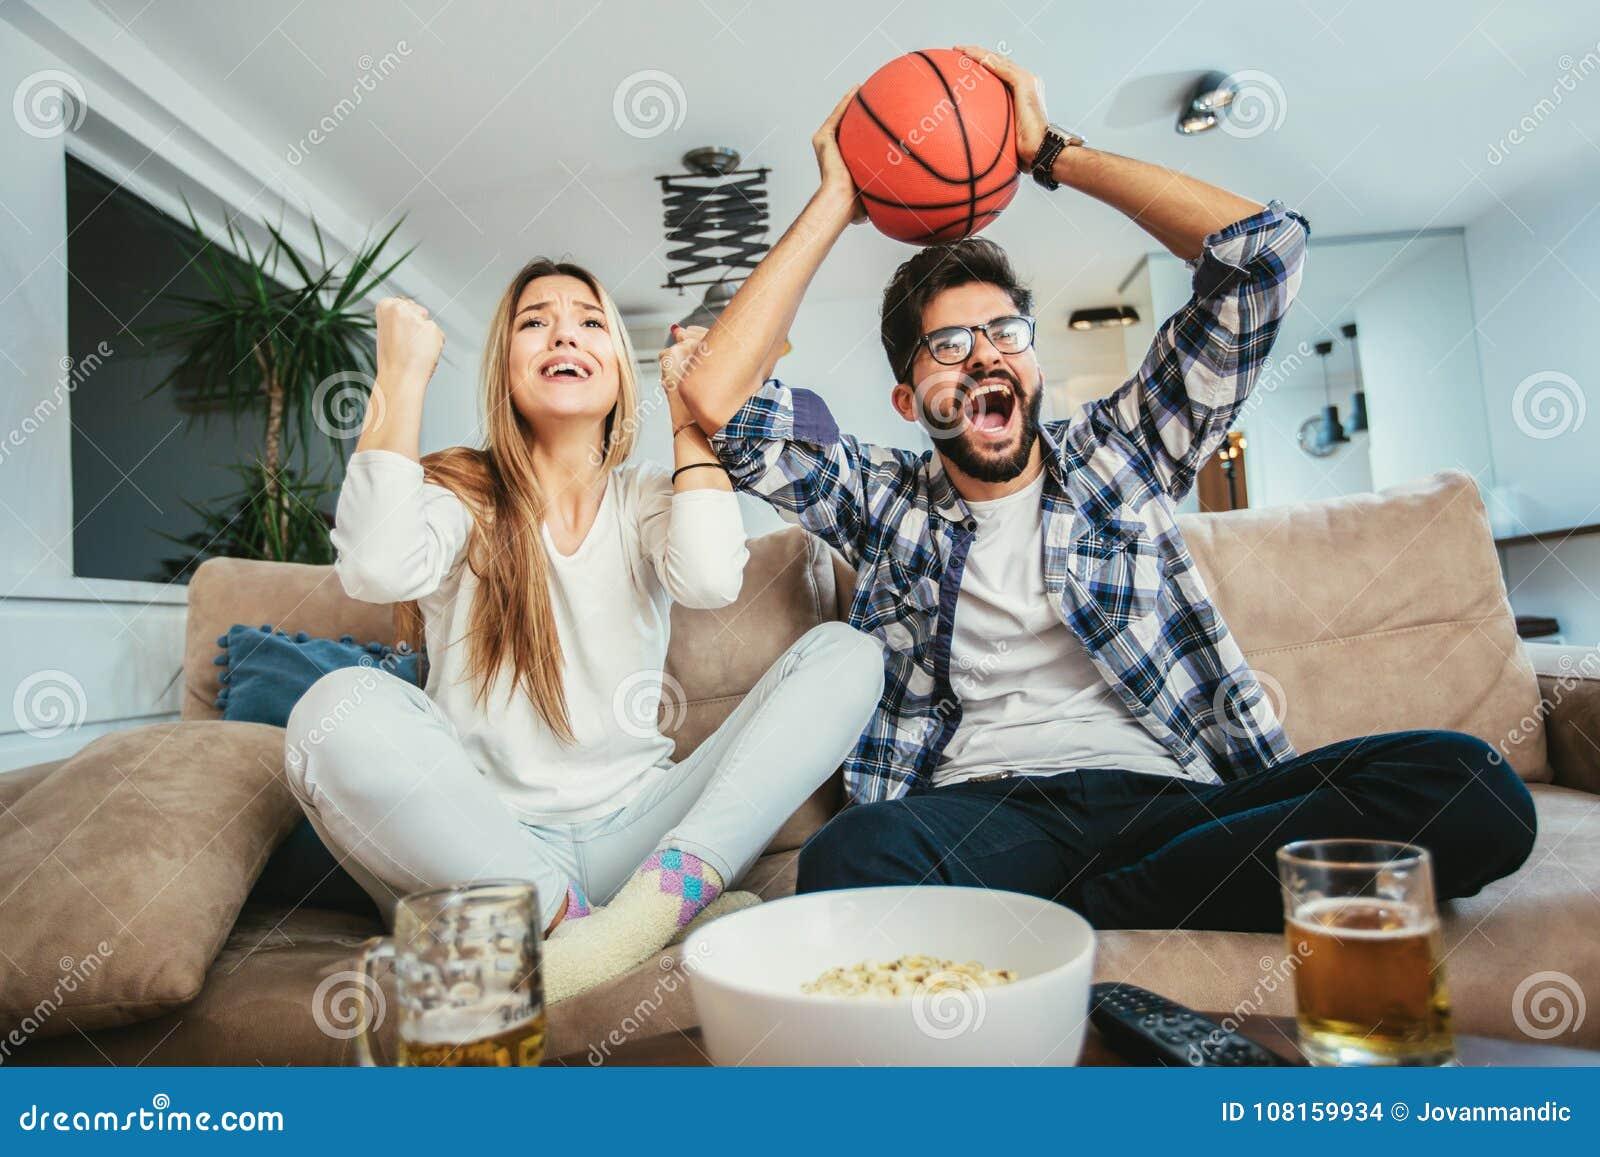 夫妇观看篮球比赛